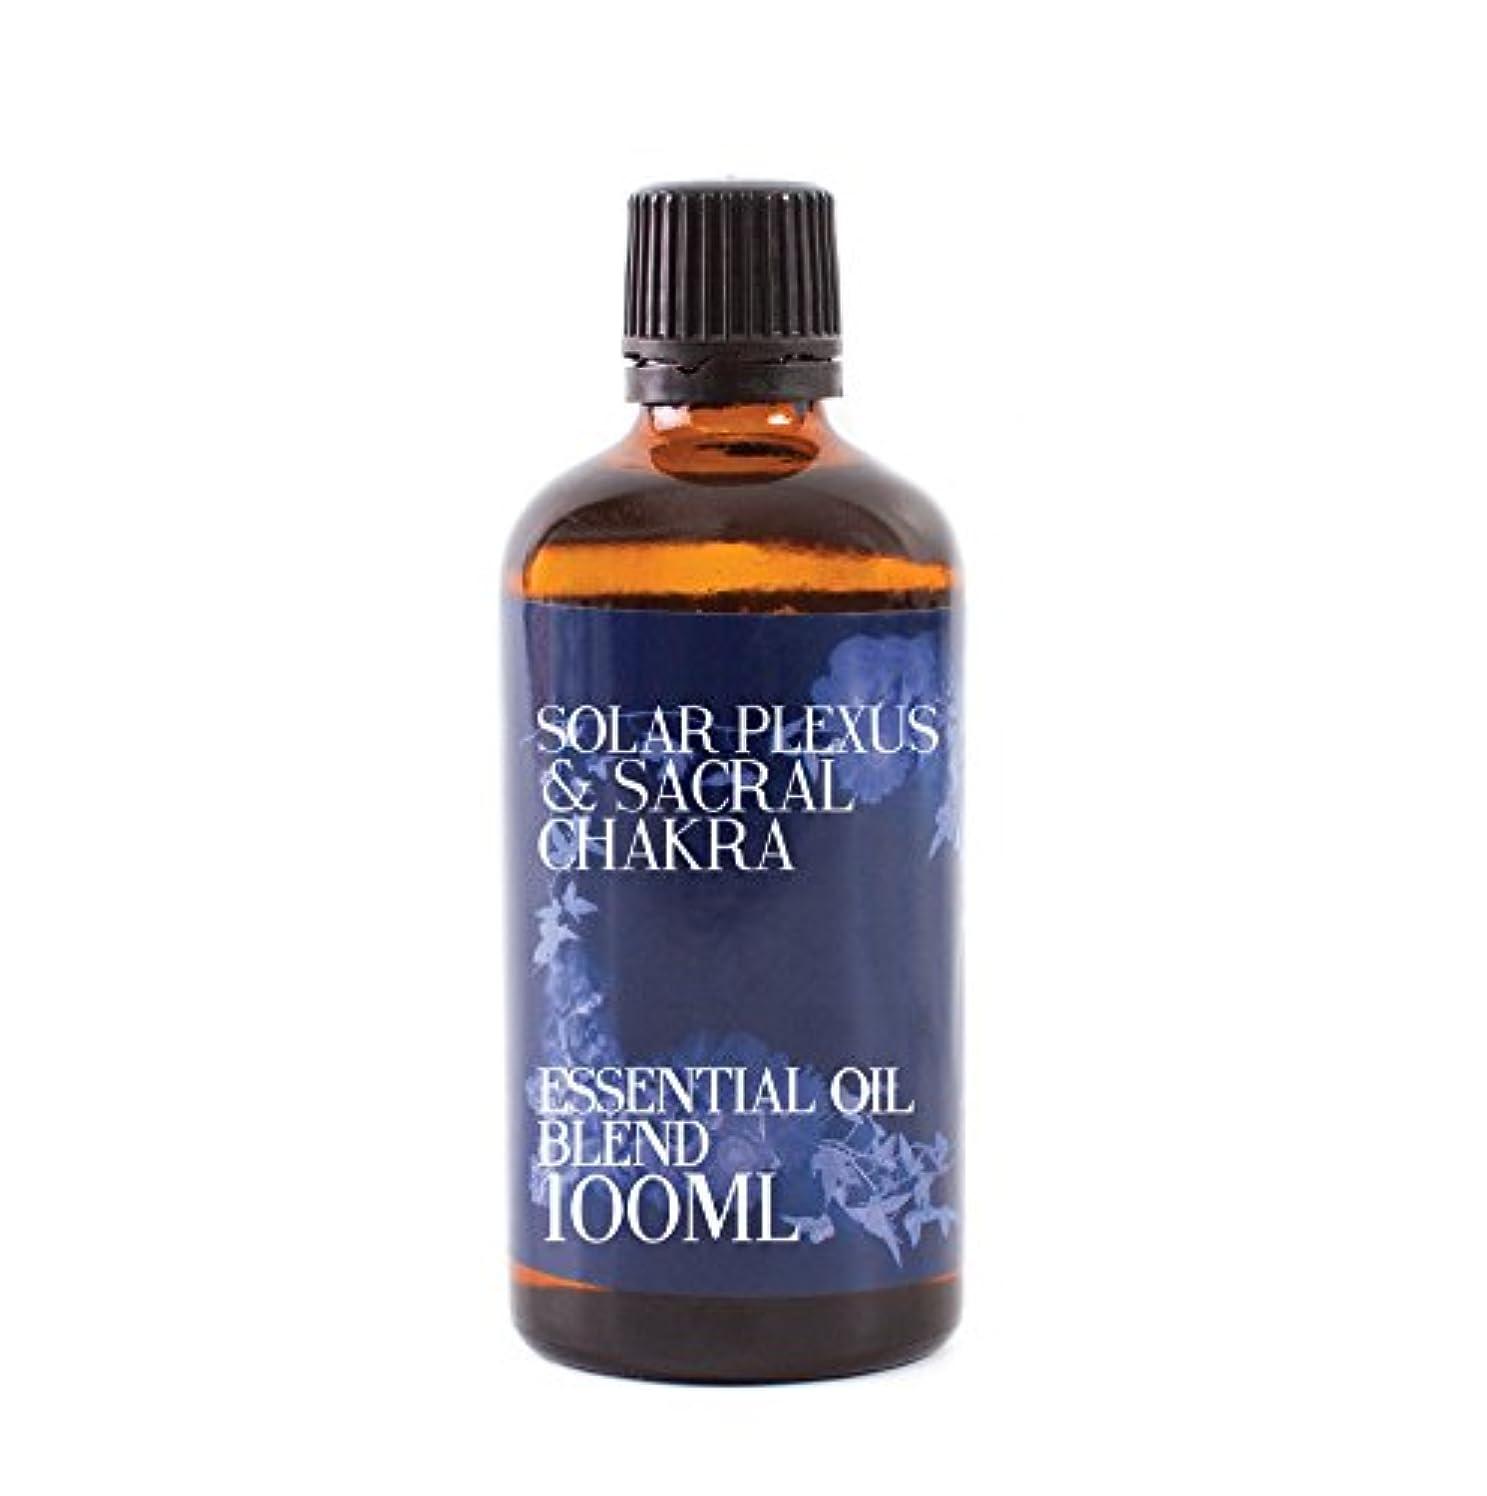 作成者万一に備えてベジタリアンMystic Moments | Sacral Solar Plexus Chakra | Essential Oil Blend - 100ml